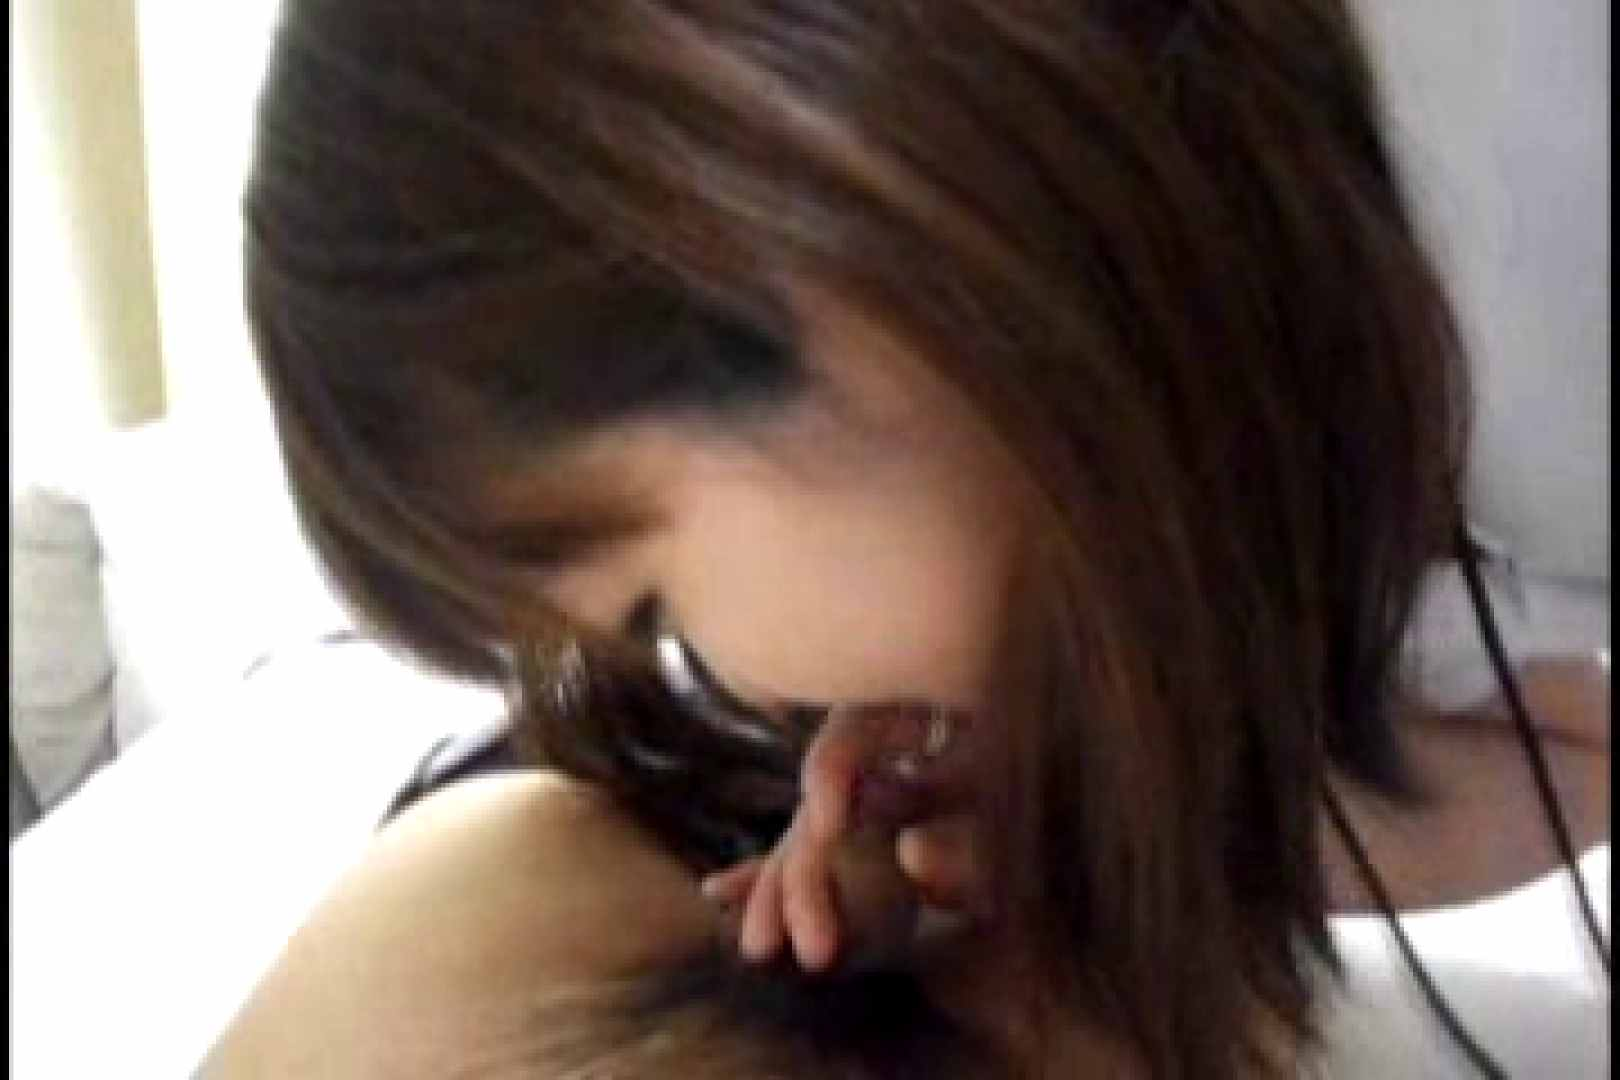 ヤリマンと呼ばれた看護士さんvol1 OLのエッチ  112pic 87